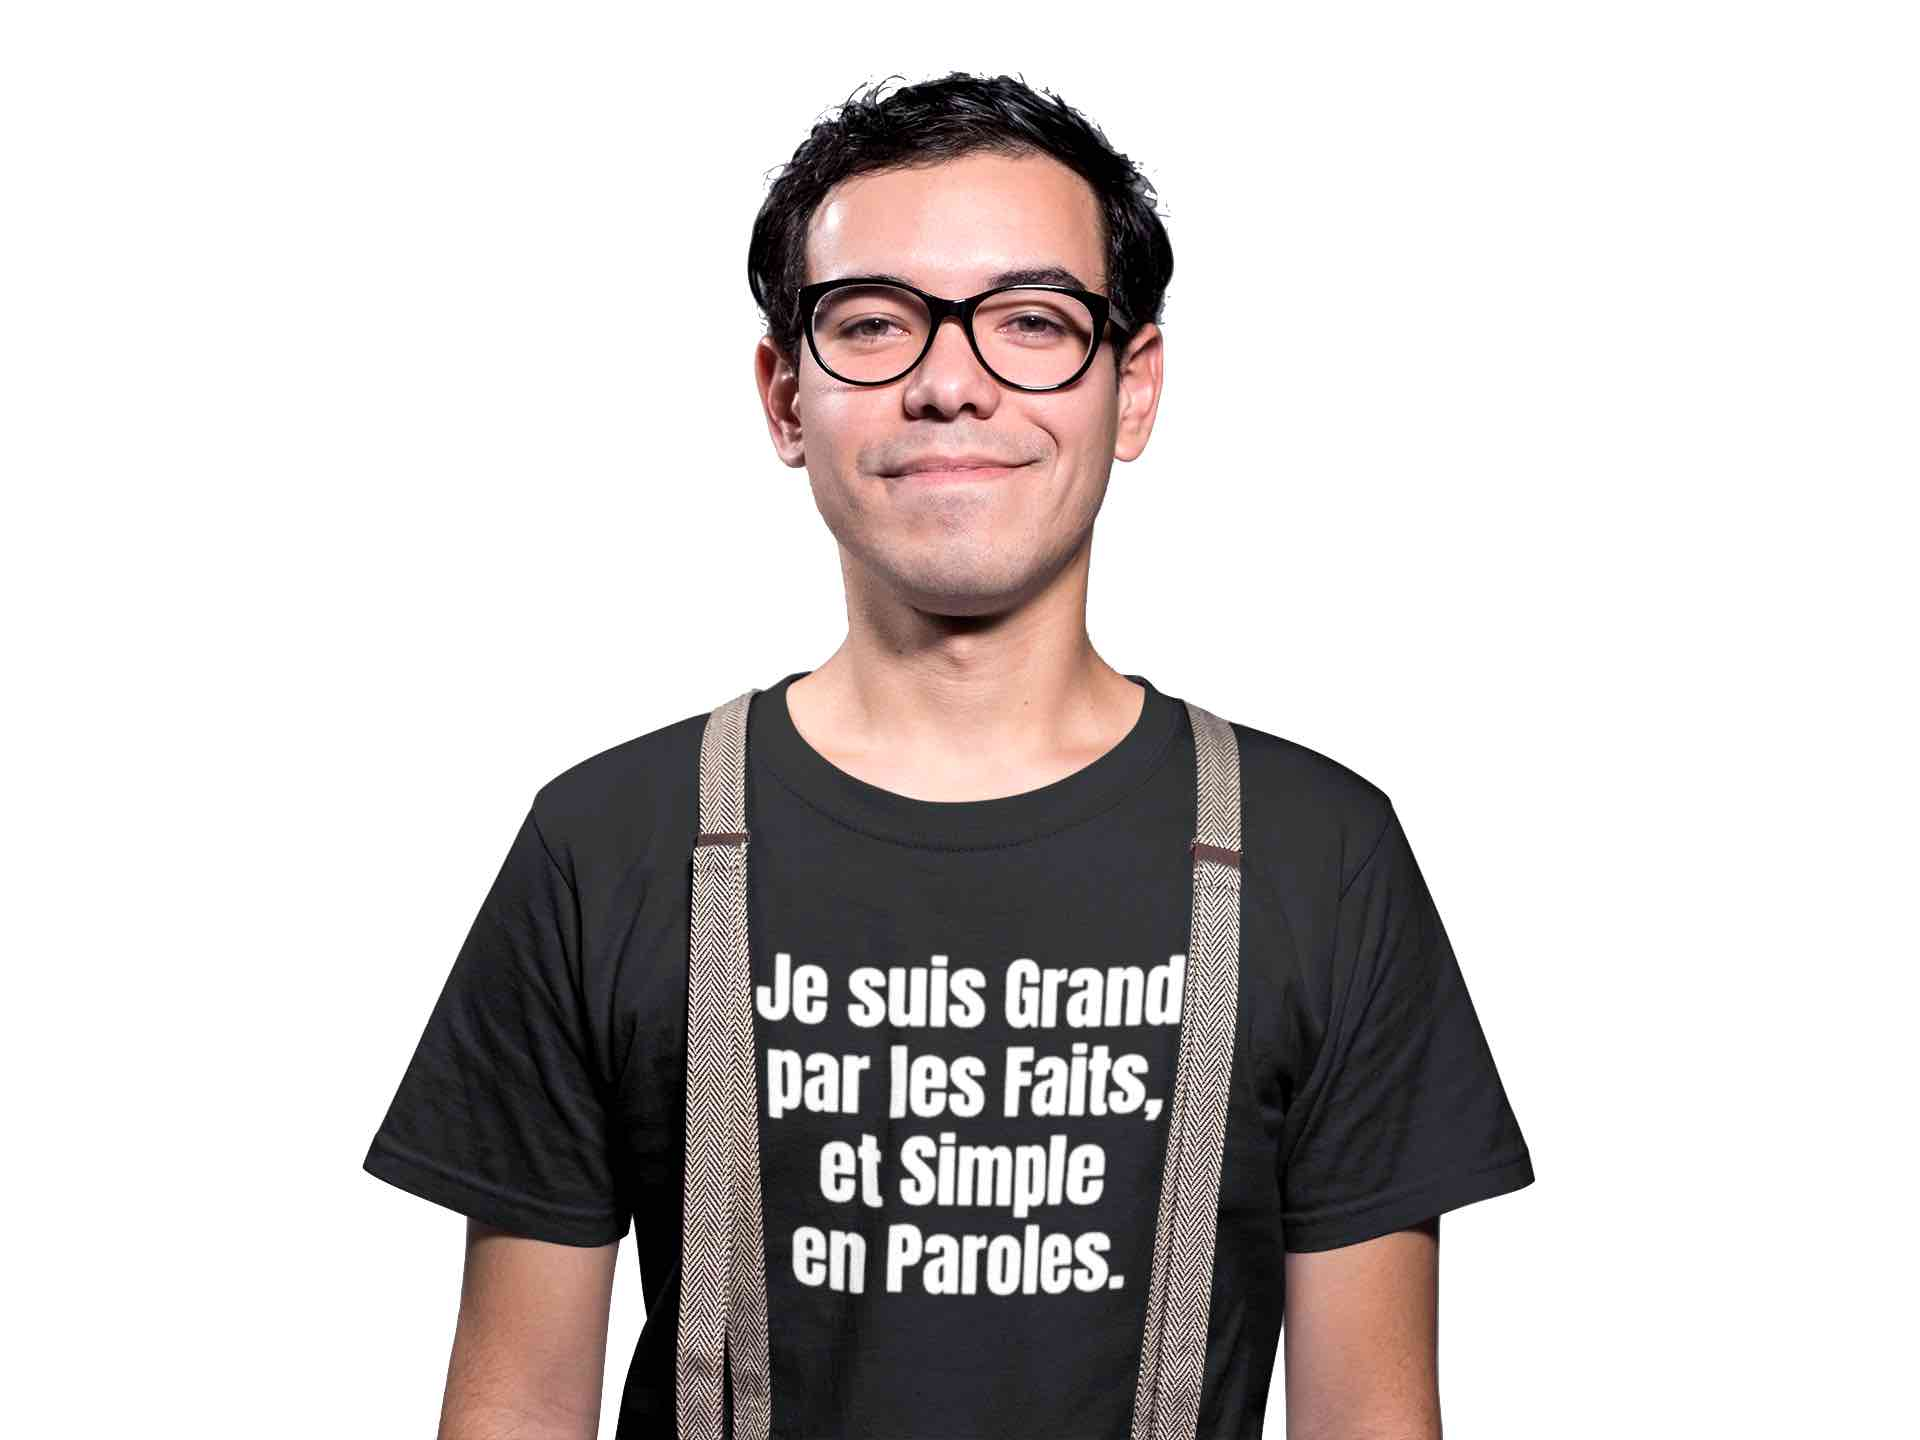 Quotes Tshirt at popArmada.com